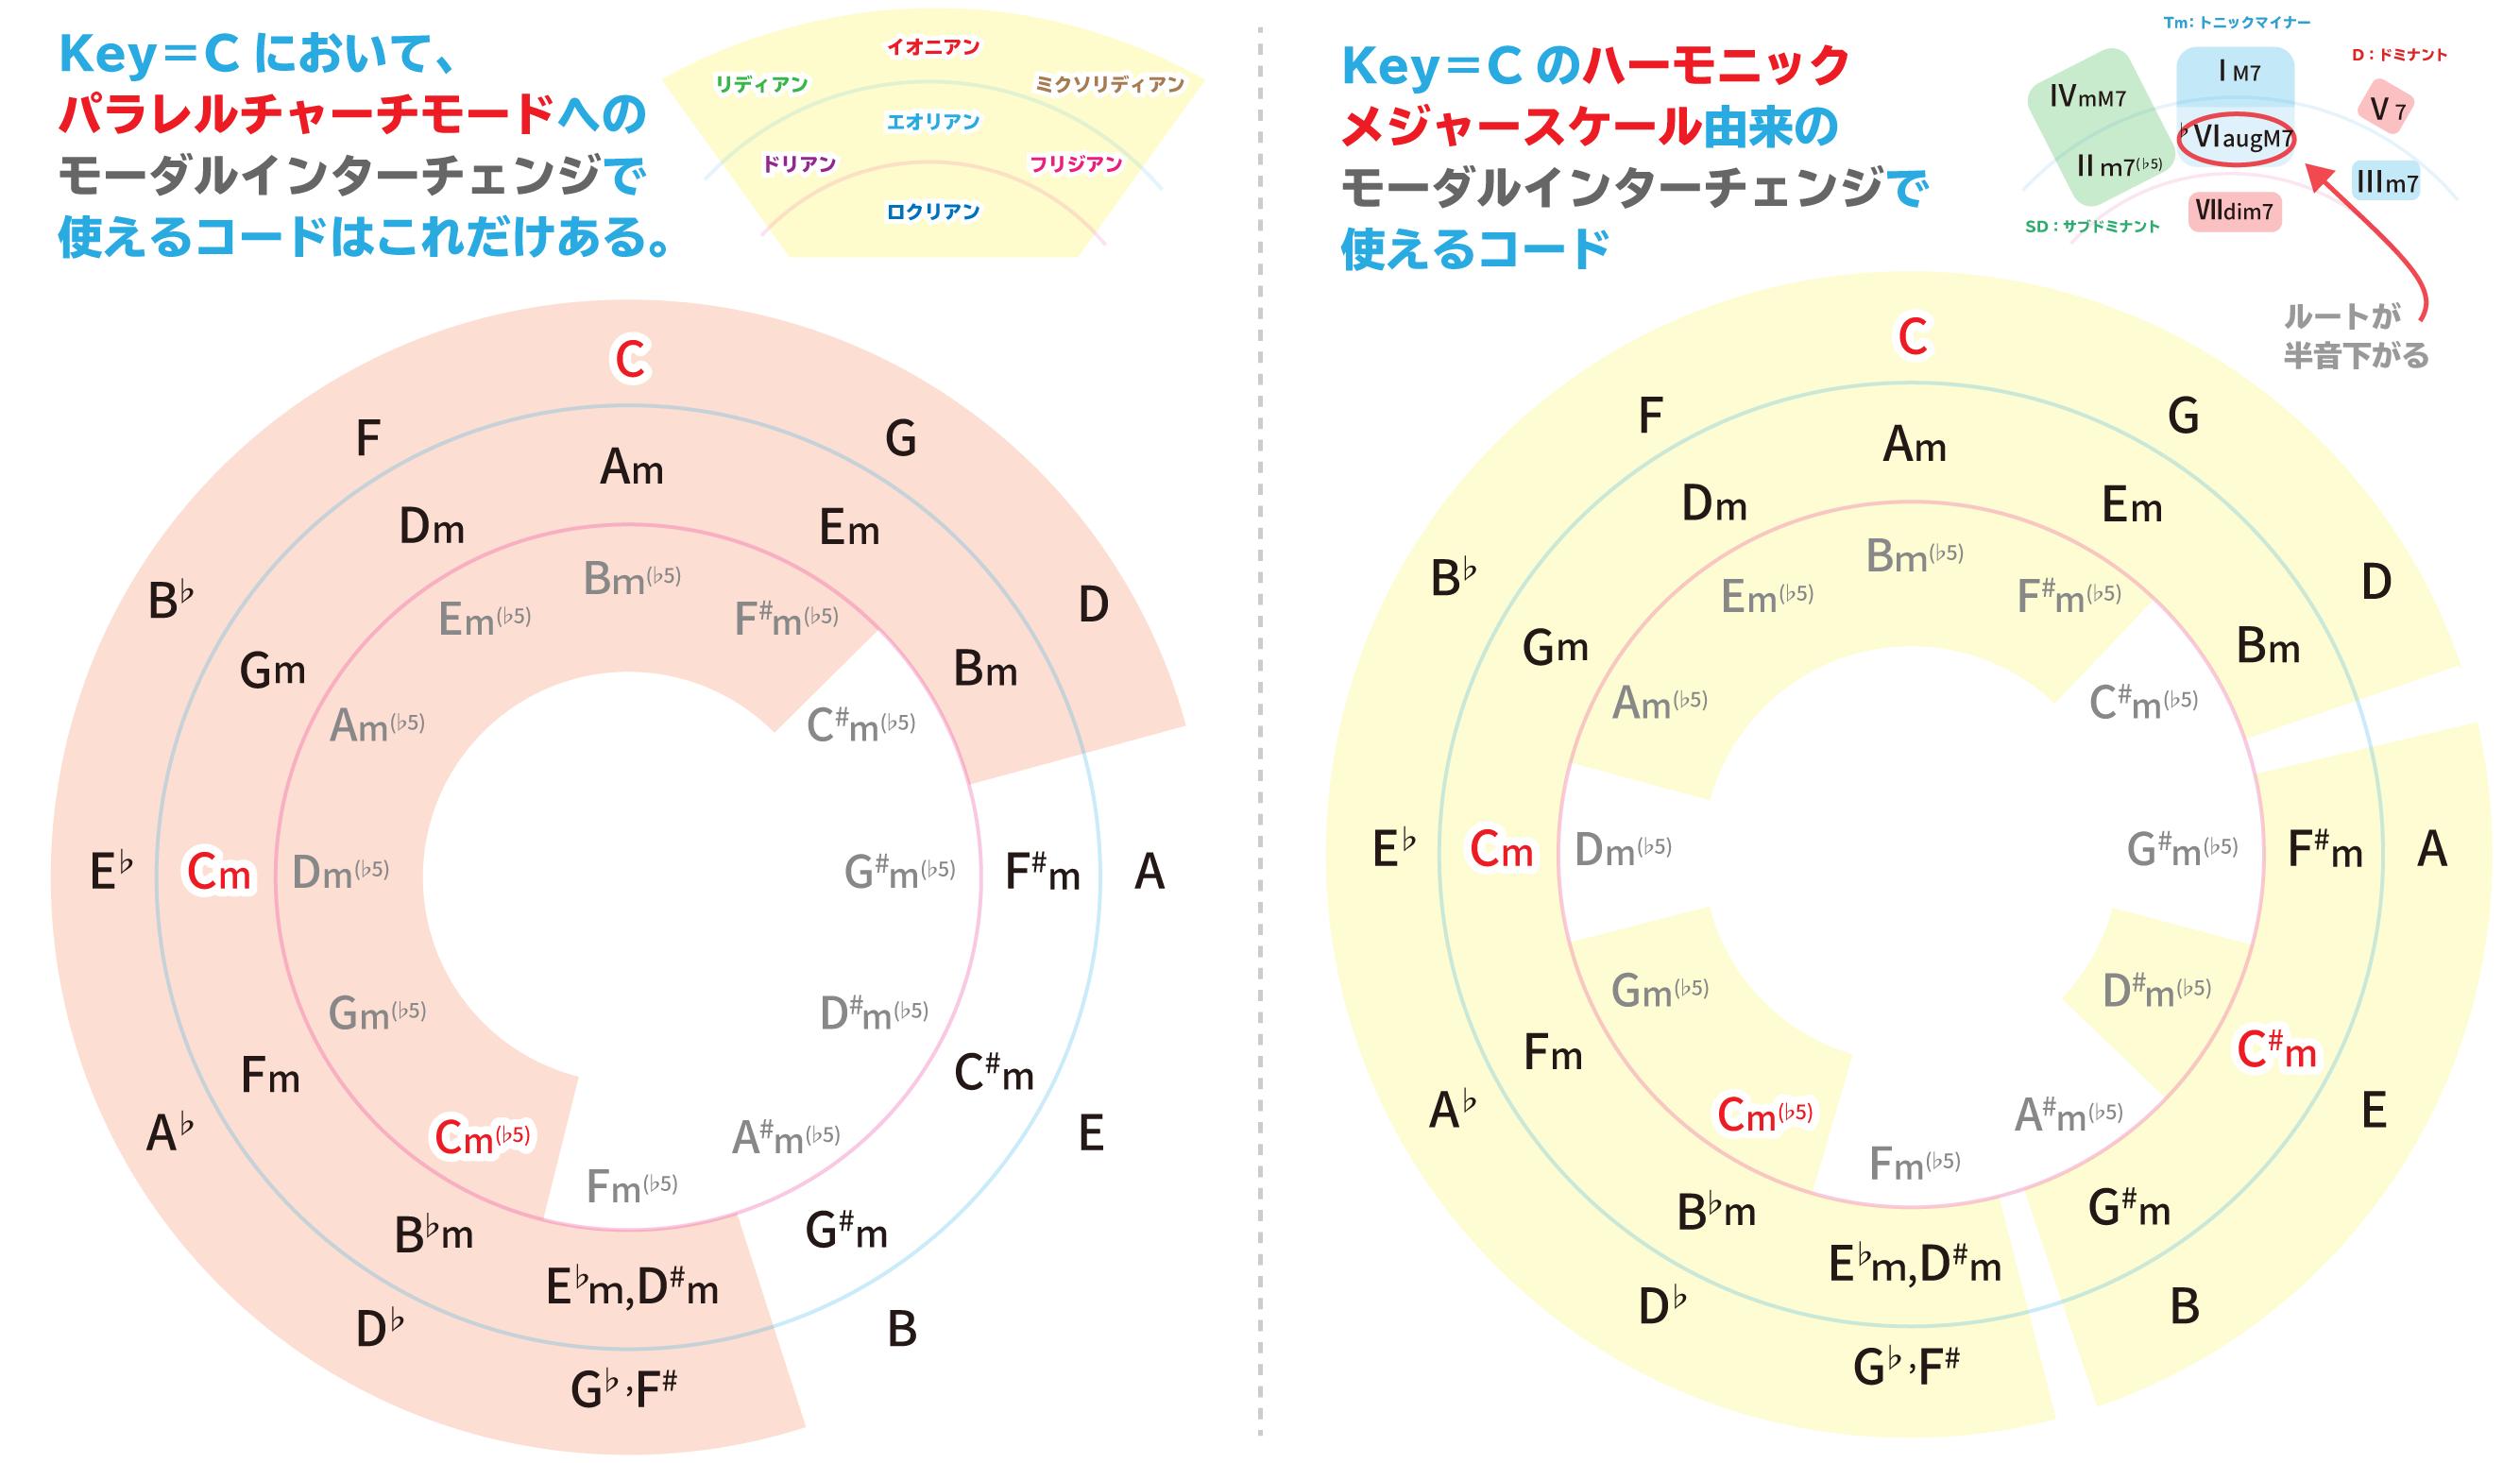 Key=Cのパラレルチャーチモード・ハーモニックメジャースケールへのモーダルインターチェンジまとめ